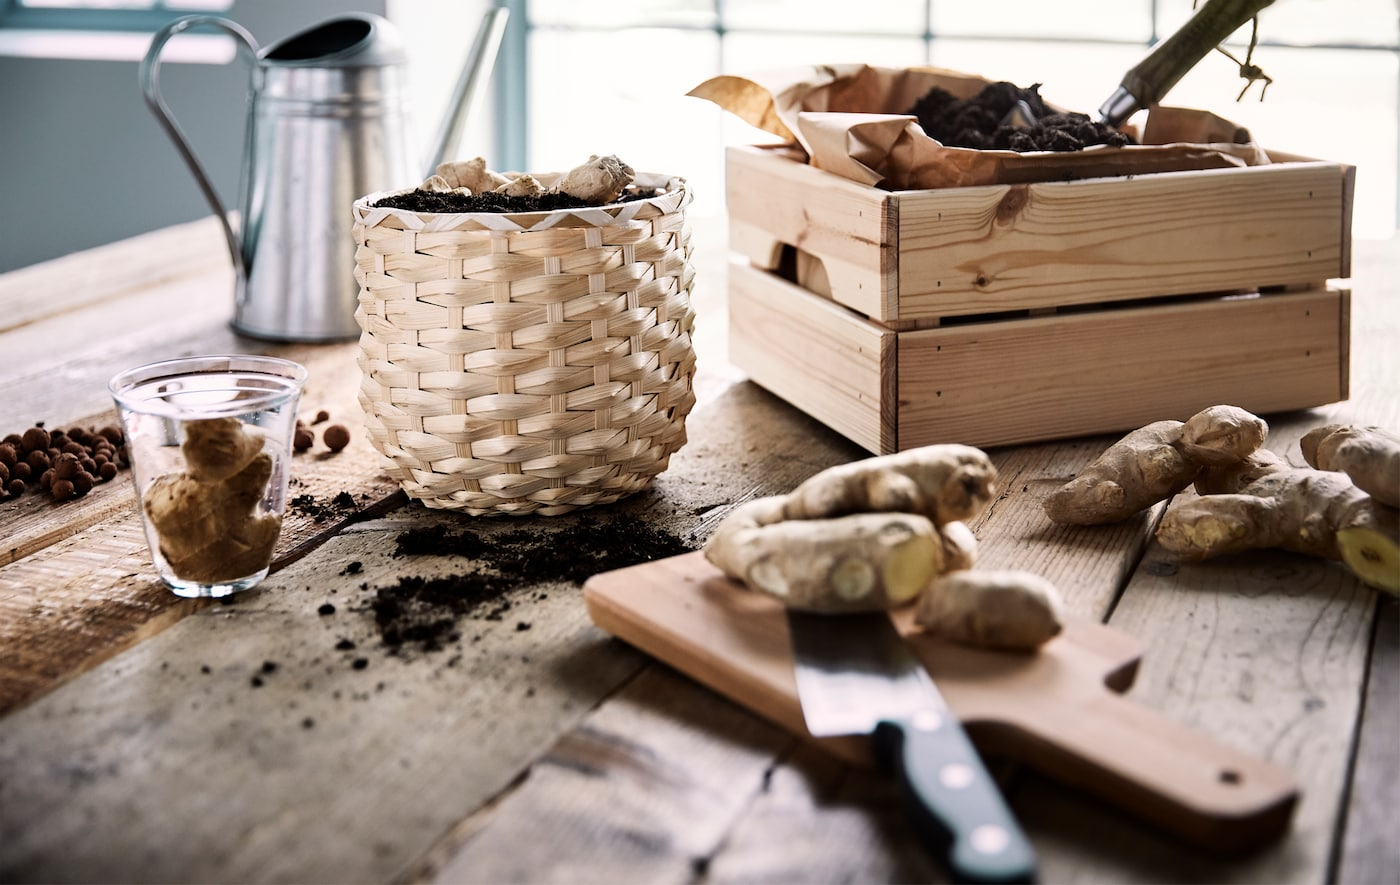 Korenje đumbira sadi se u saksiju od ratana pored drvene kutije s braon papirom i zemljom u drvenom stolu.